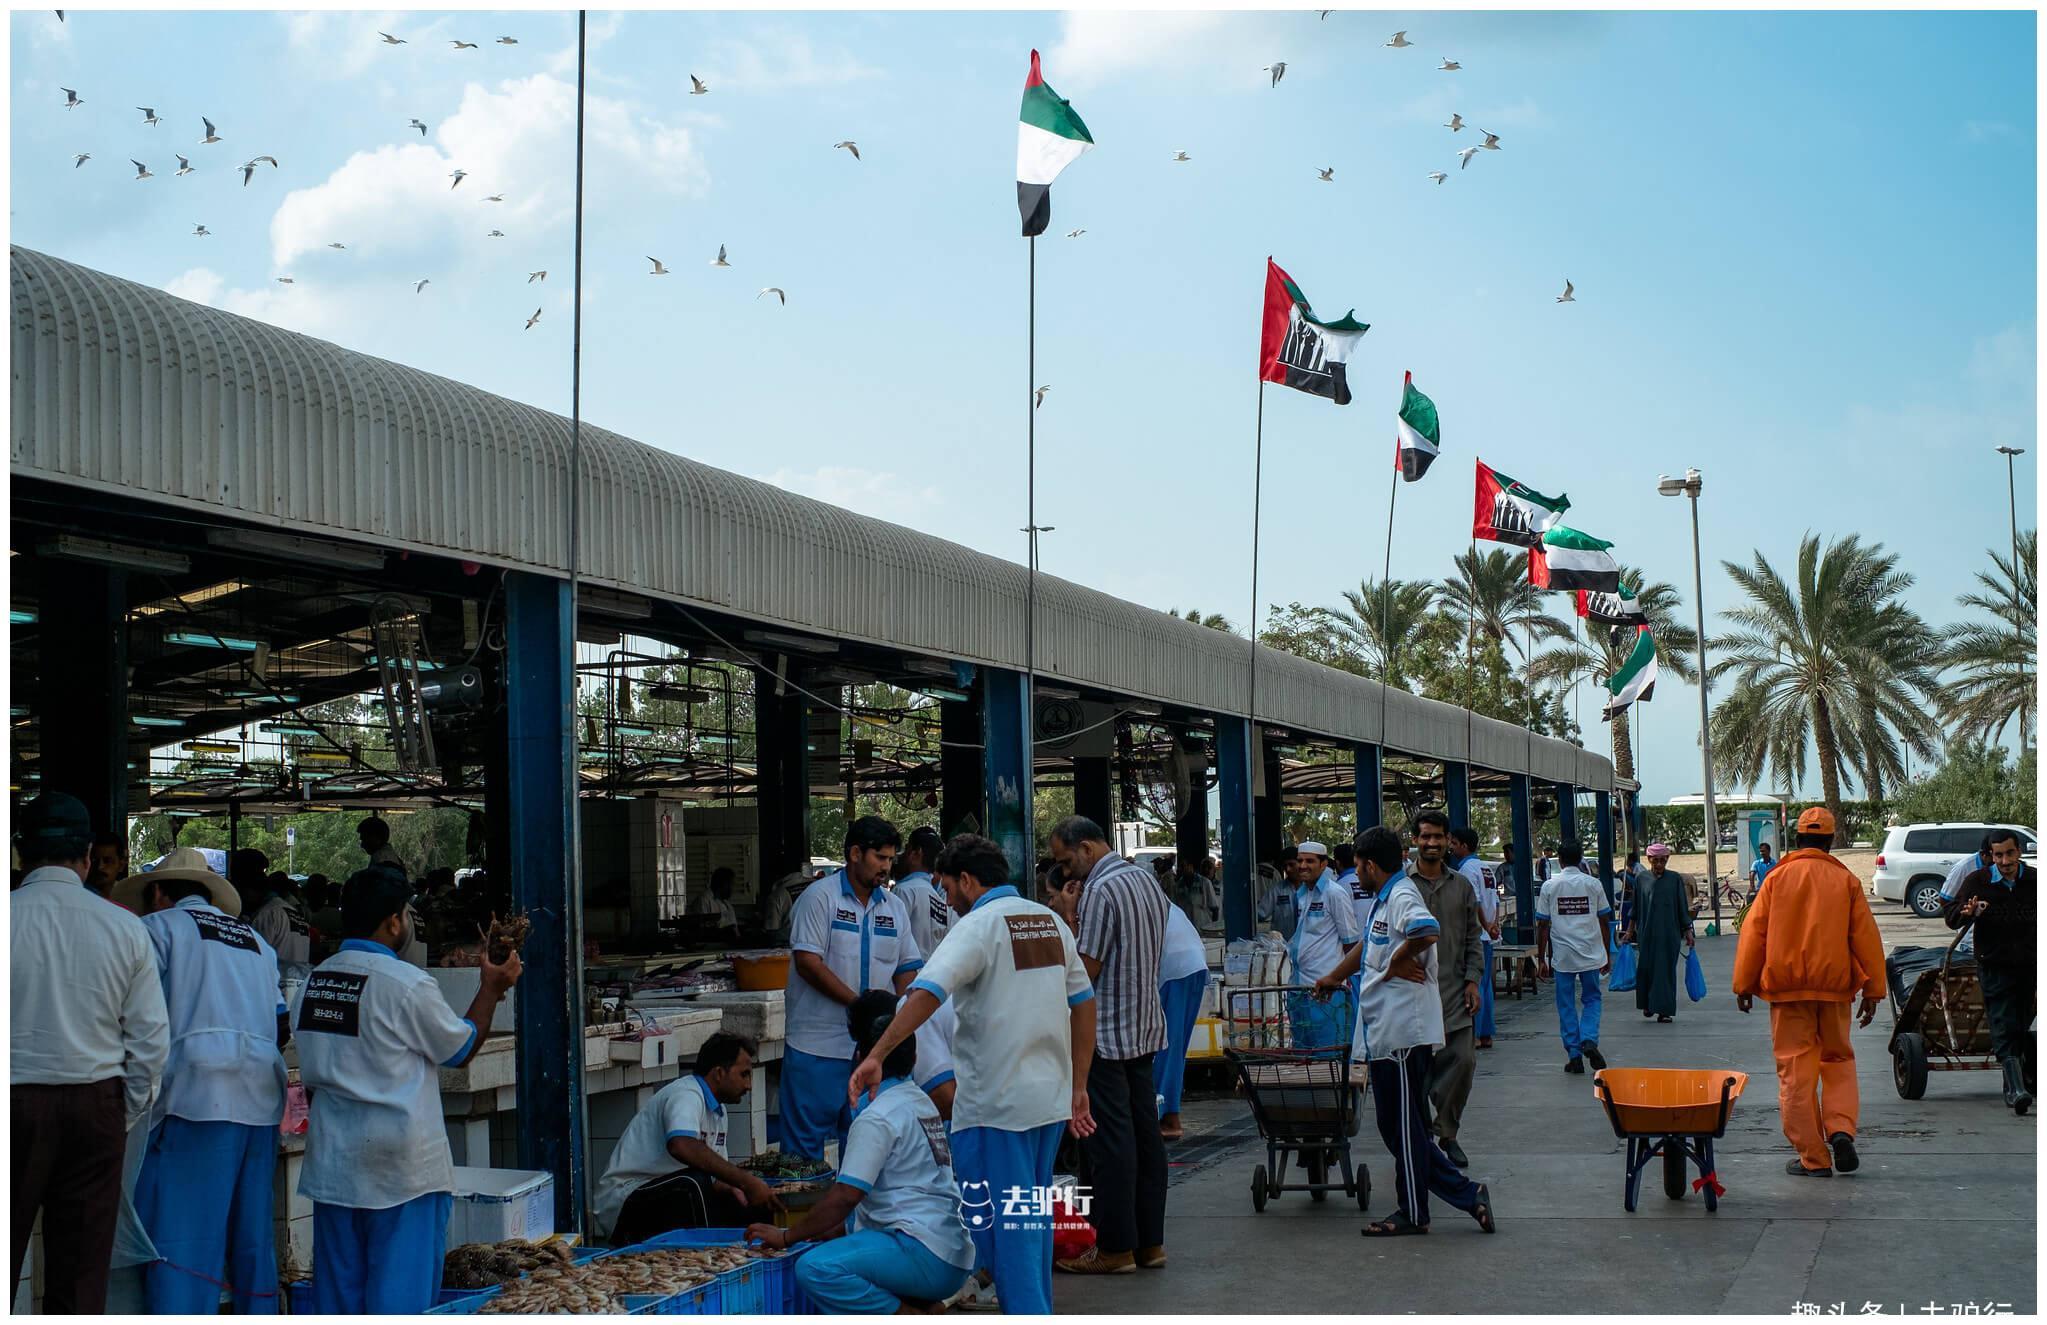 实拍迪拜集市:土豪才能吃得起水果,穷人才吃海鲜